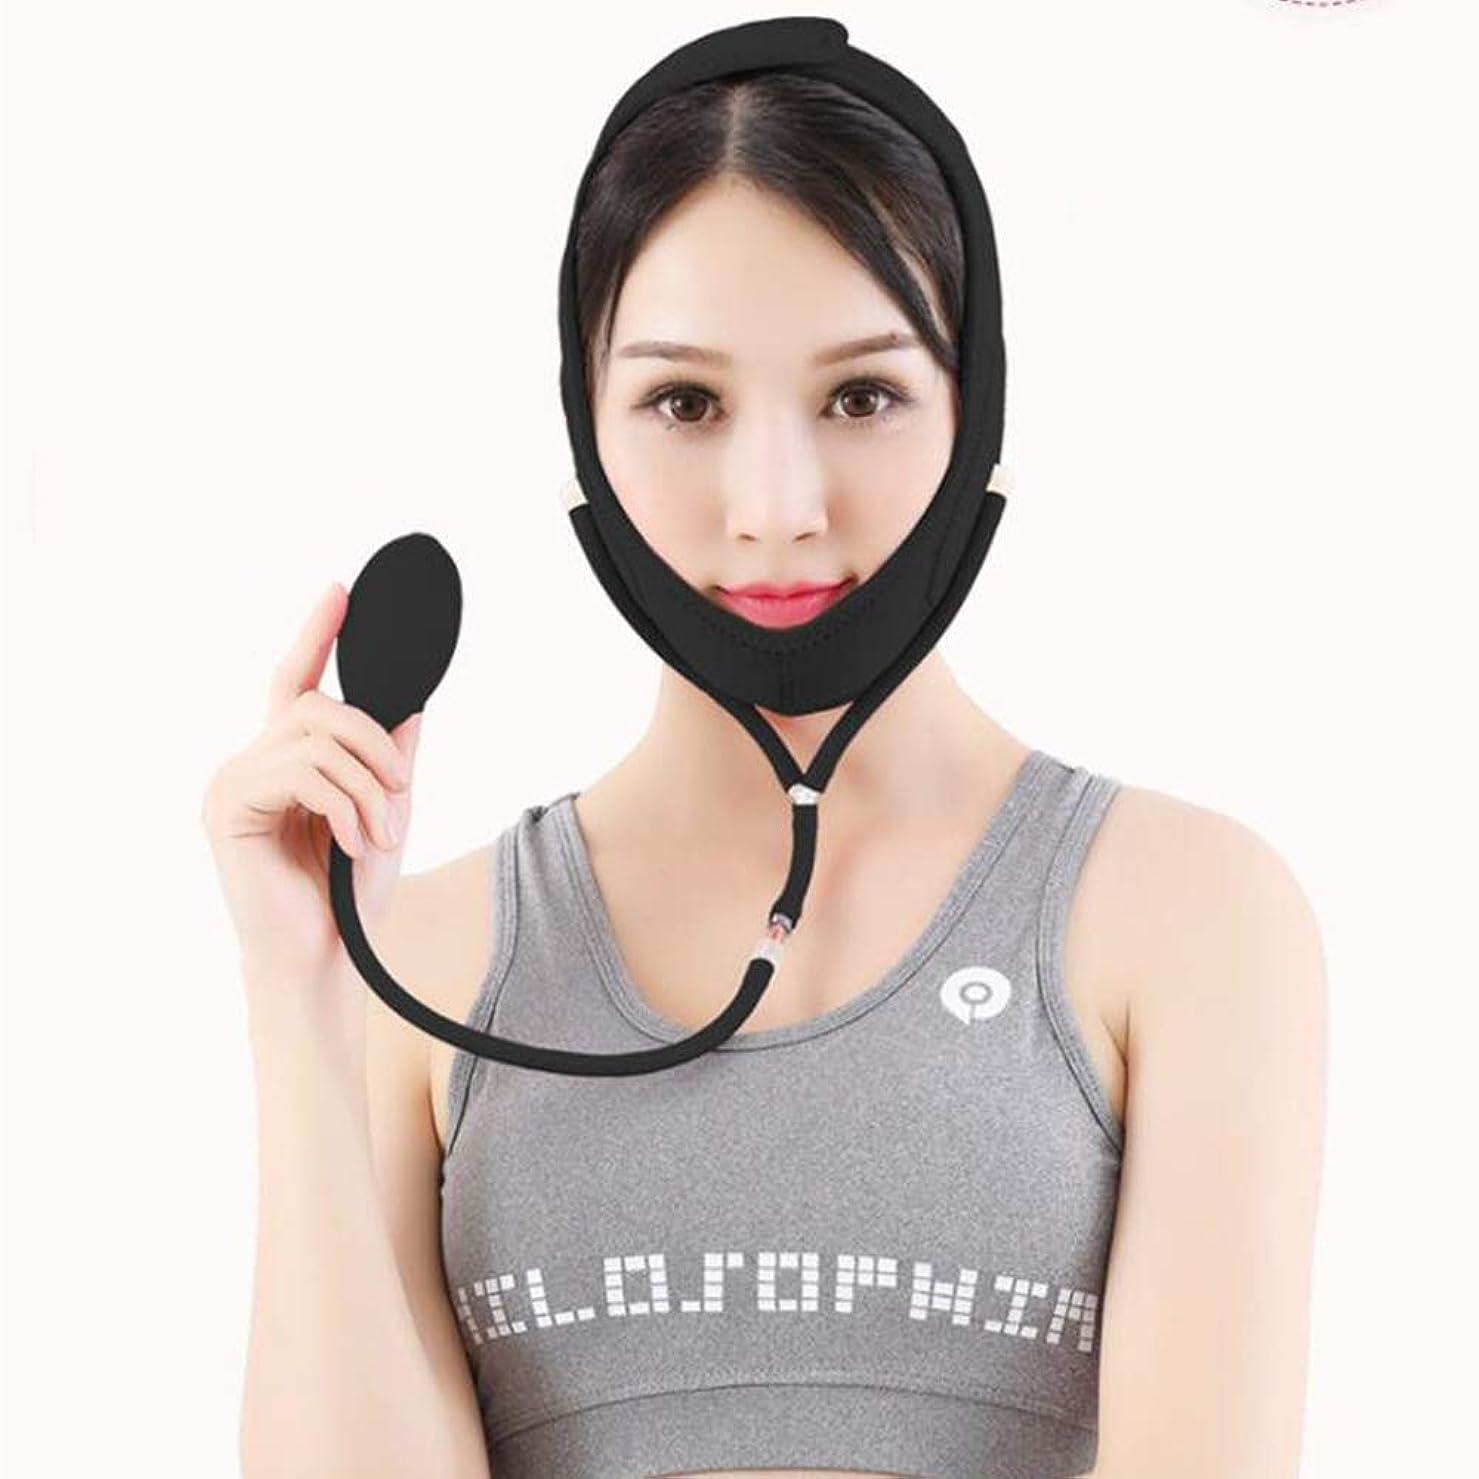 子犬女王共産主義者GYZ フェイシャルリフティング痩身ベルトダブルエアバッグ圧力調整フェイス包帯マスク整形マスクが顔を引き締める Thin Face Belt (Color : Black, Size : M)